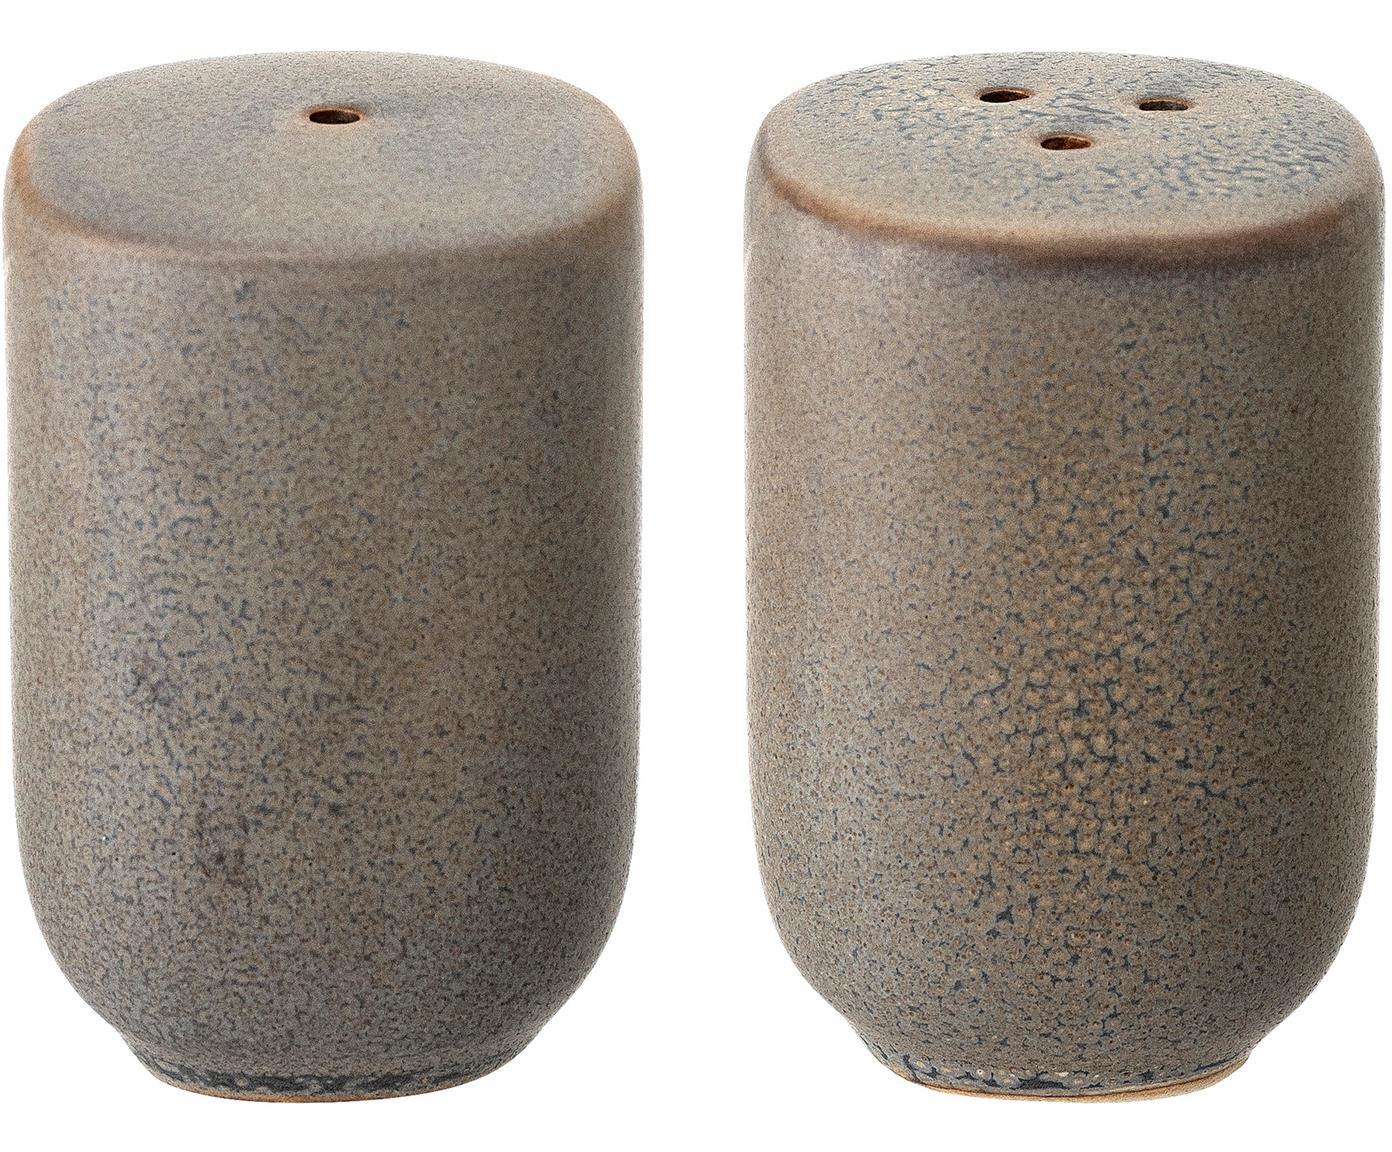 Handgemaakte zout- en peperstrooier Kendra, Keramiek, Grijsbeige, Ø 5 x H 7 cm